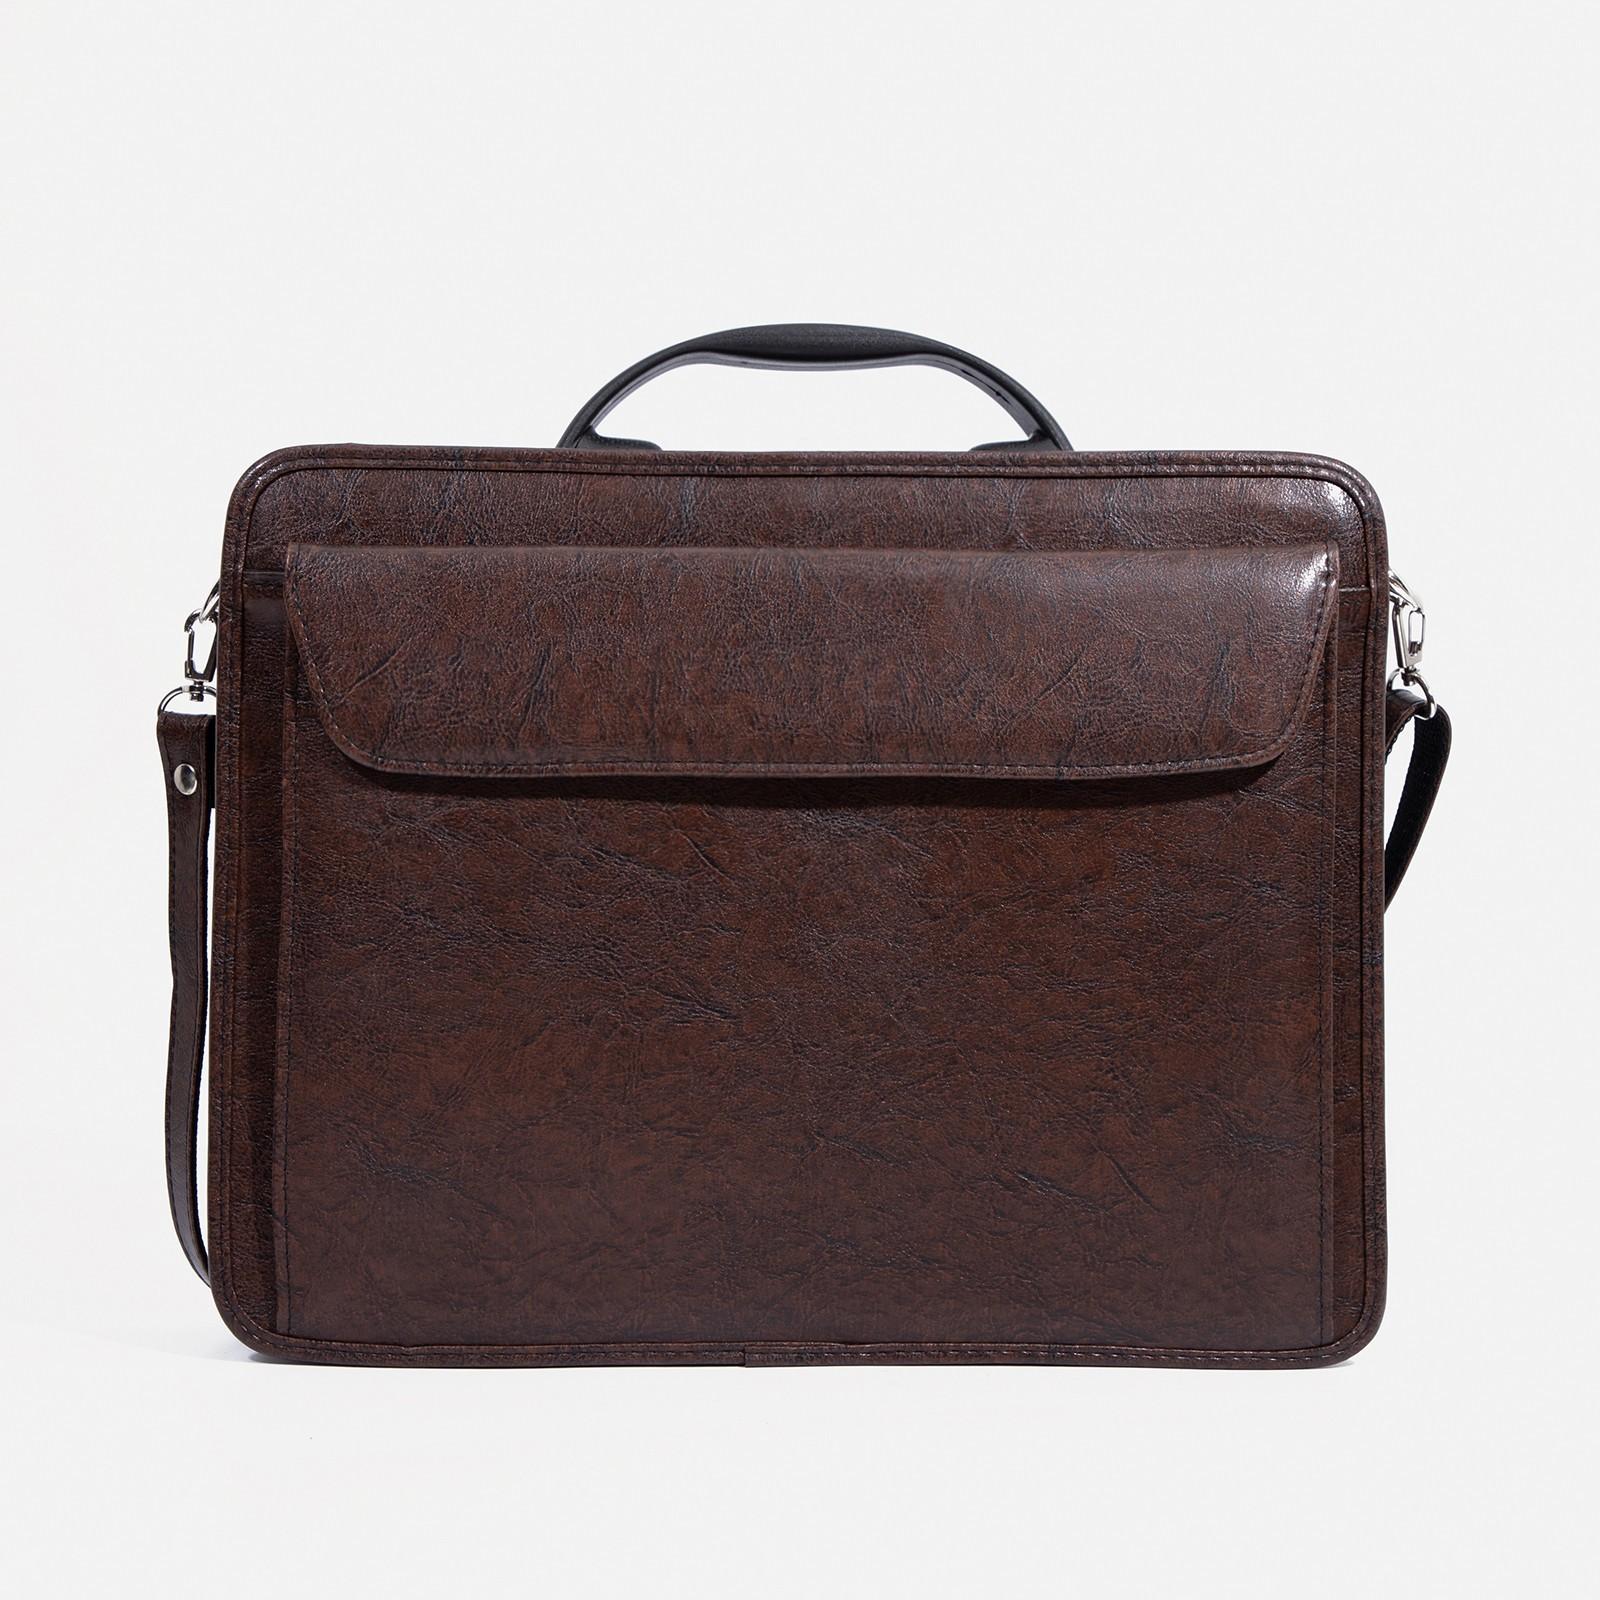 ac4e0a27ed64 Сумка-портфель мужская на молнии, 3 отдела, наружный карман, длинный ремень,